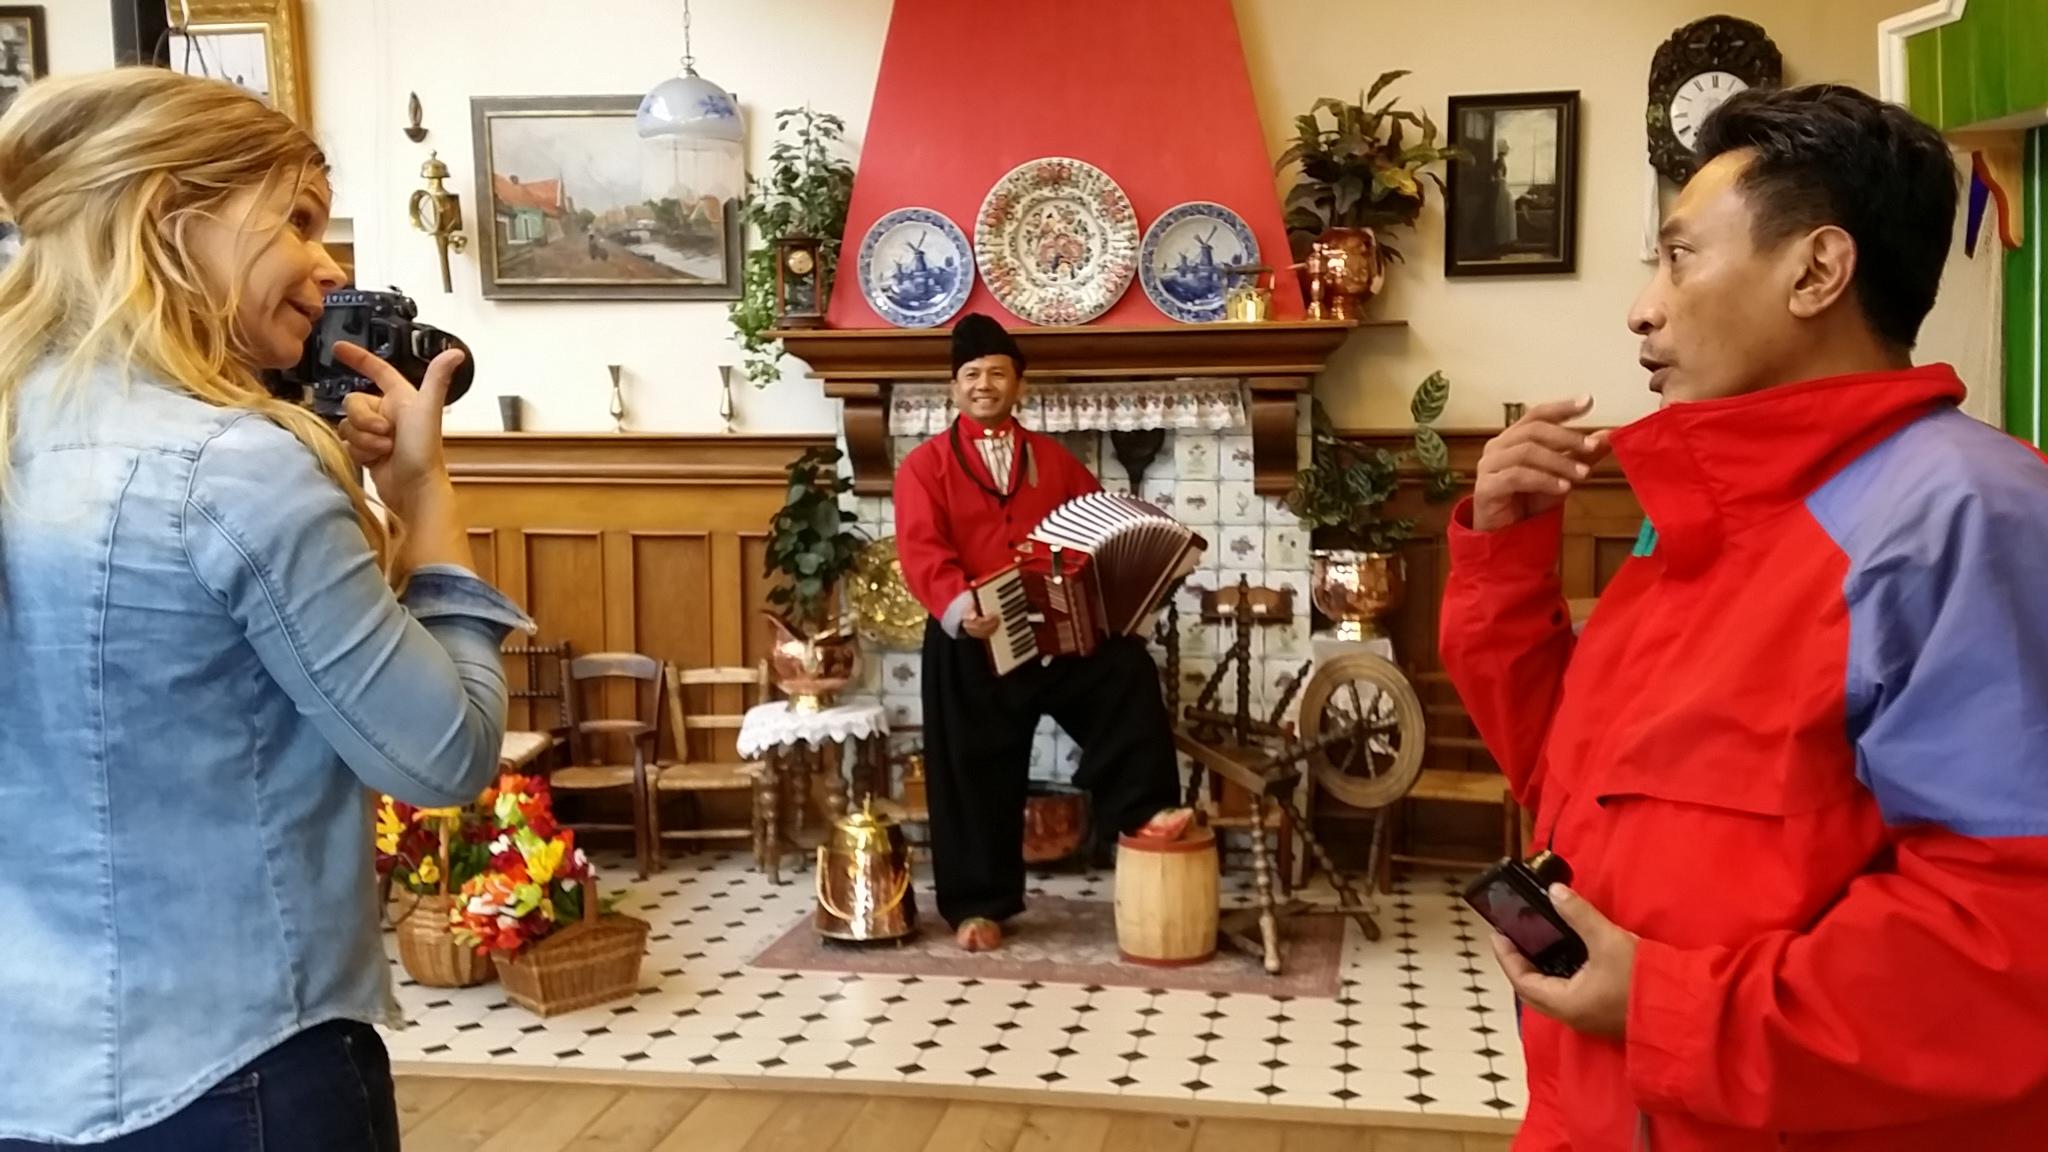 Wisata Belanda, Pakaian Tradisional Belanda, Wisata Bersahabat, Orang Indo di Belanda, Pemandu Wisata Indonesia di Belanda, Supirsantun, Serbalanda,